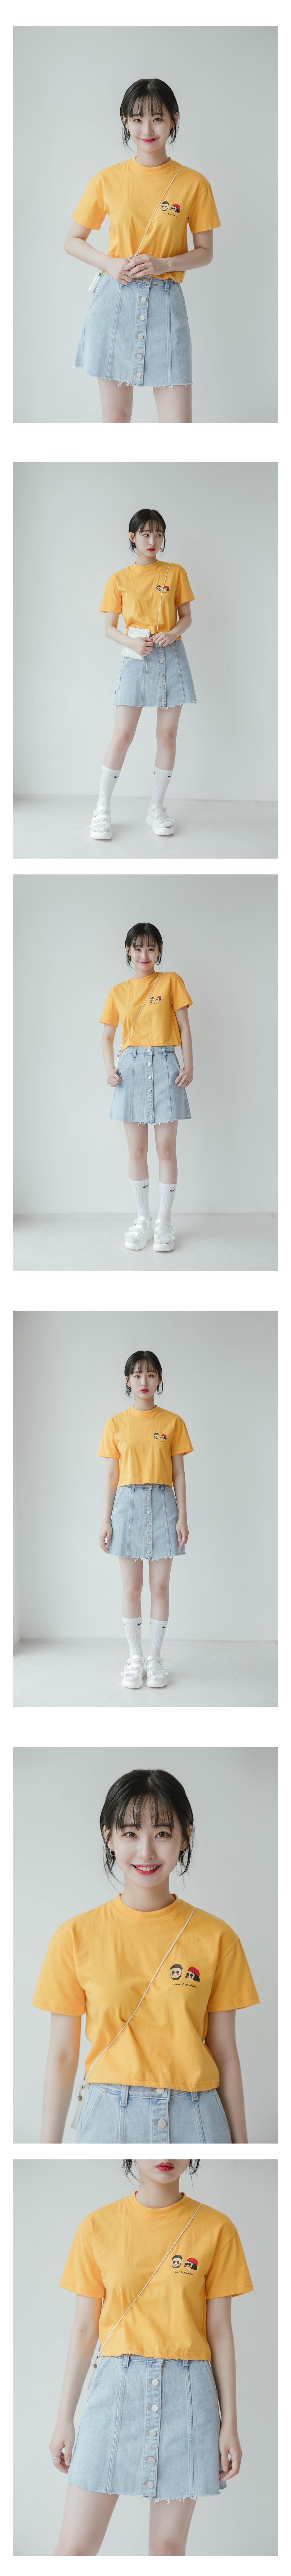 3 sandals